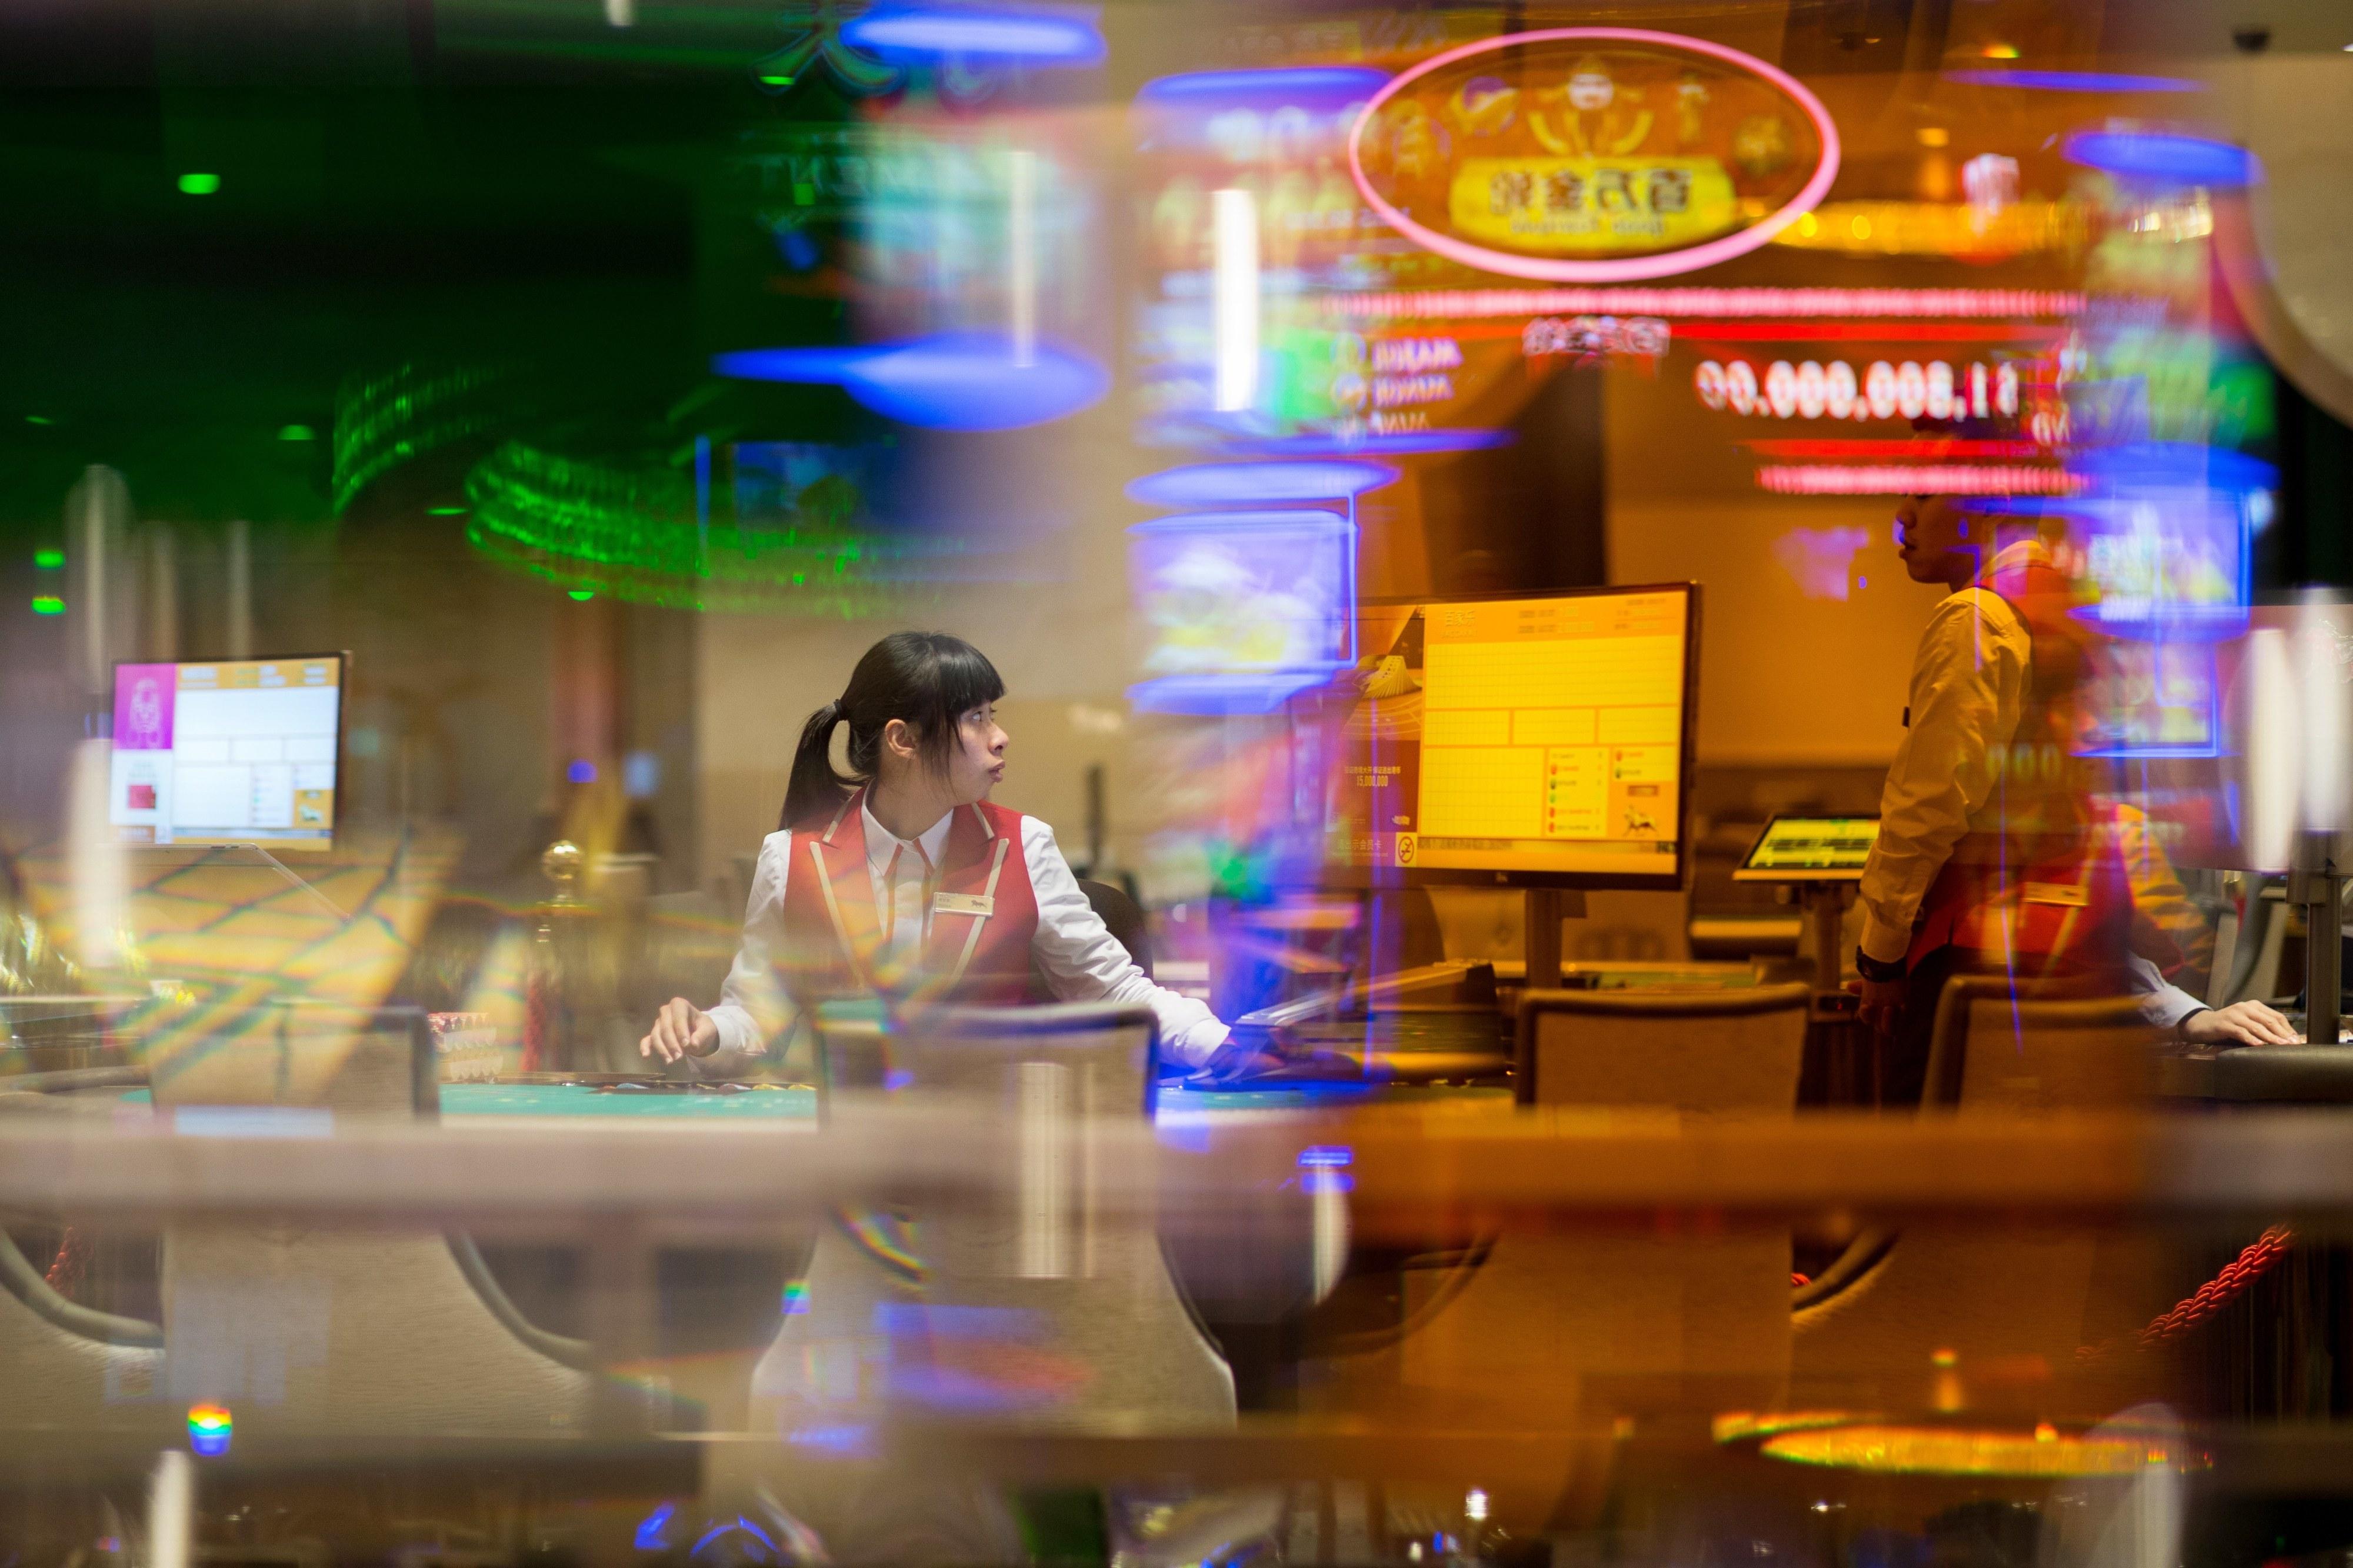 Receitas do jogo abrandam em Macau mas 'rating' mantém-se forte - Fitch